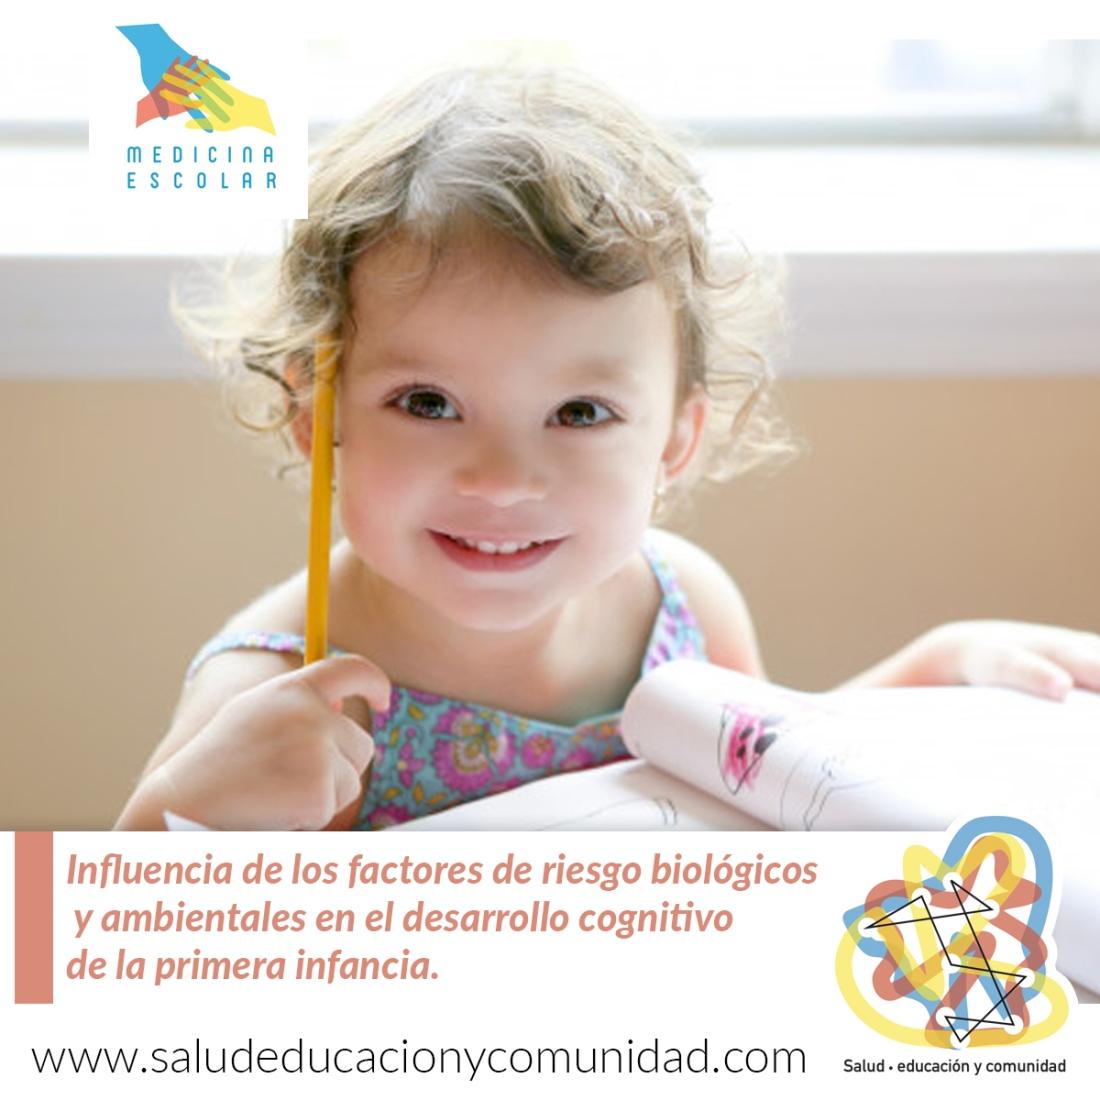 Influencia de los factores de riesgo biológicos y ambientales en desarrollo cognitivo de la primera infancia